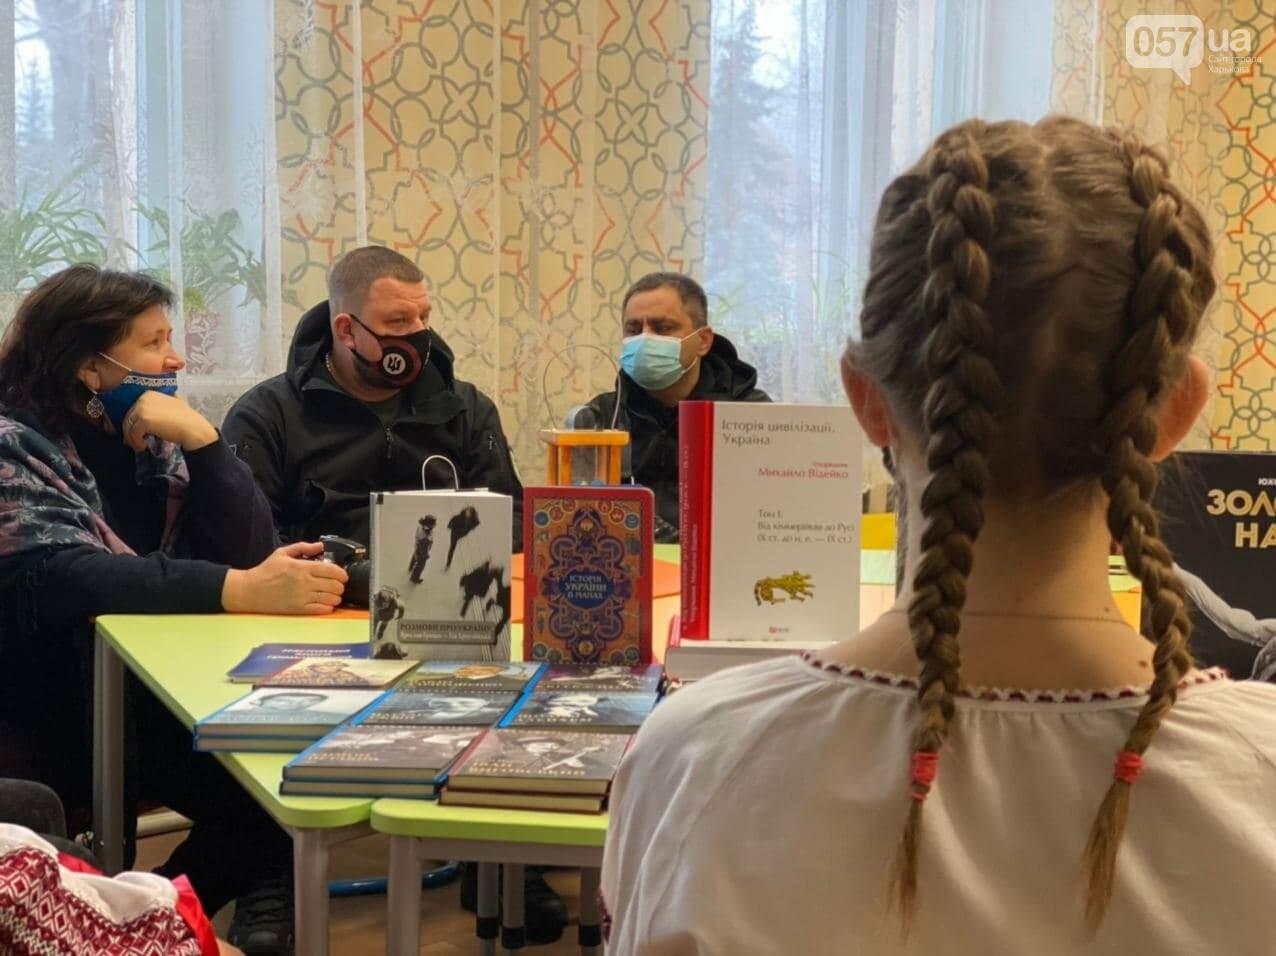 «Для населения война закончилась»: один день из поездки харьковских волонтеров в Донецкую область, - ФОТО, фото-6